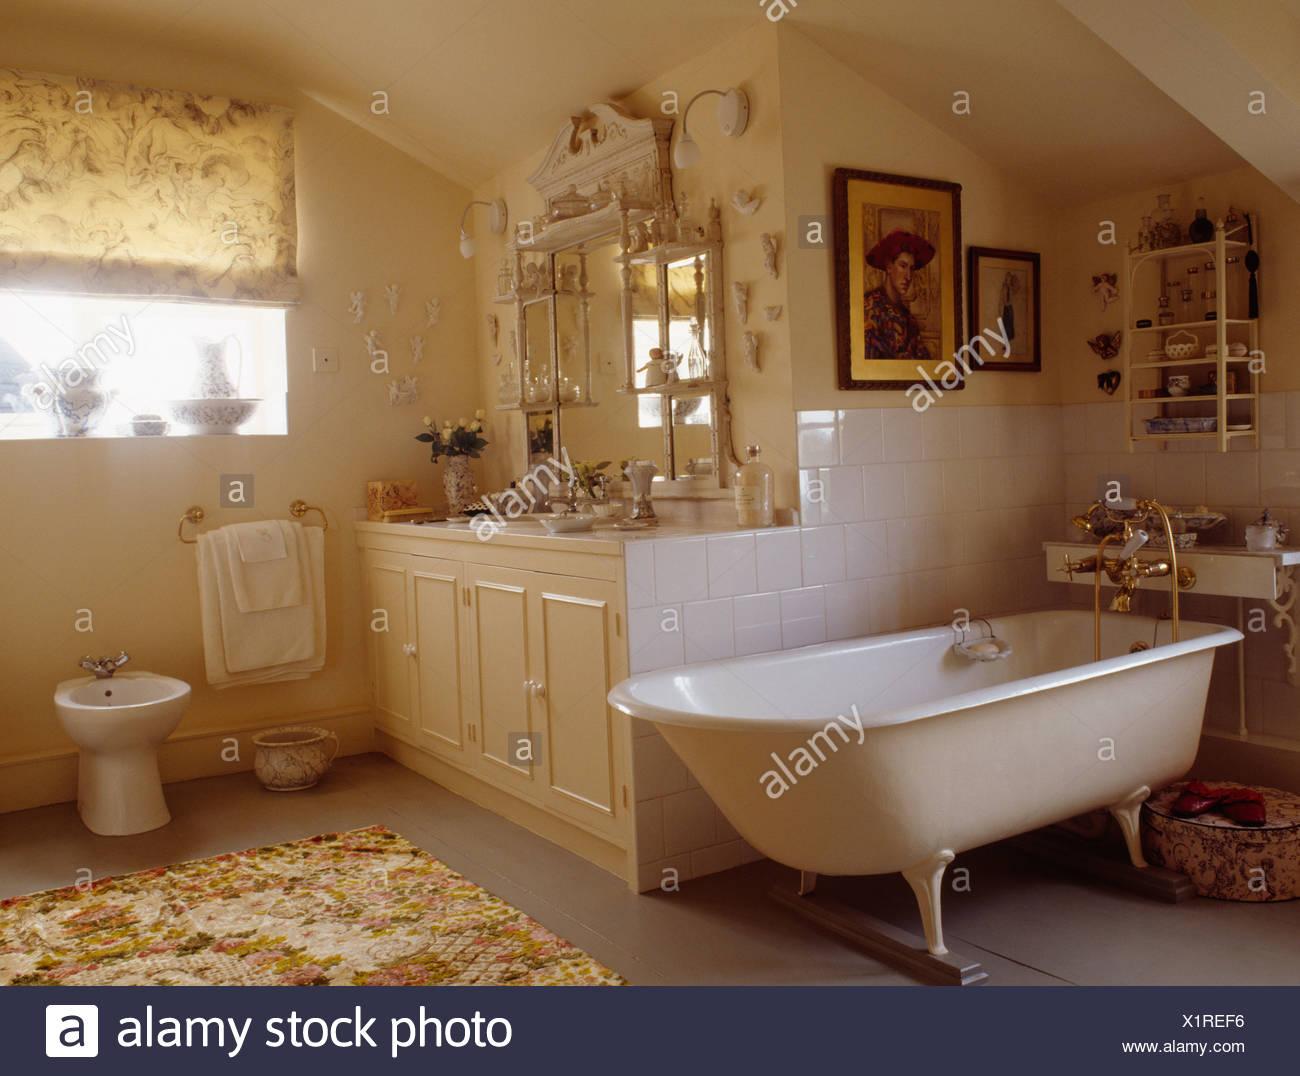 Rolltop Badewanne In Ecke Land Badezimmer Mit Supraporte Spiegel